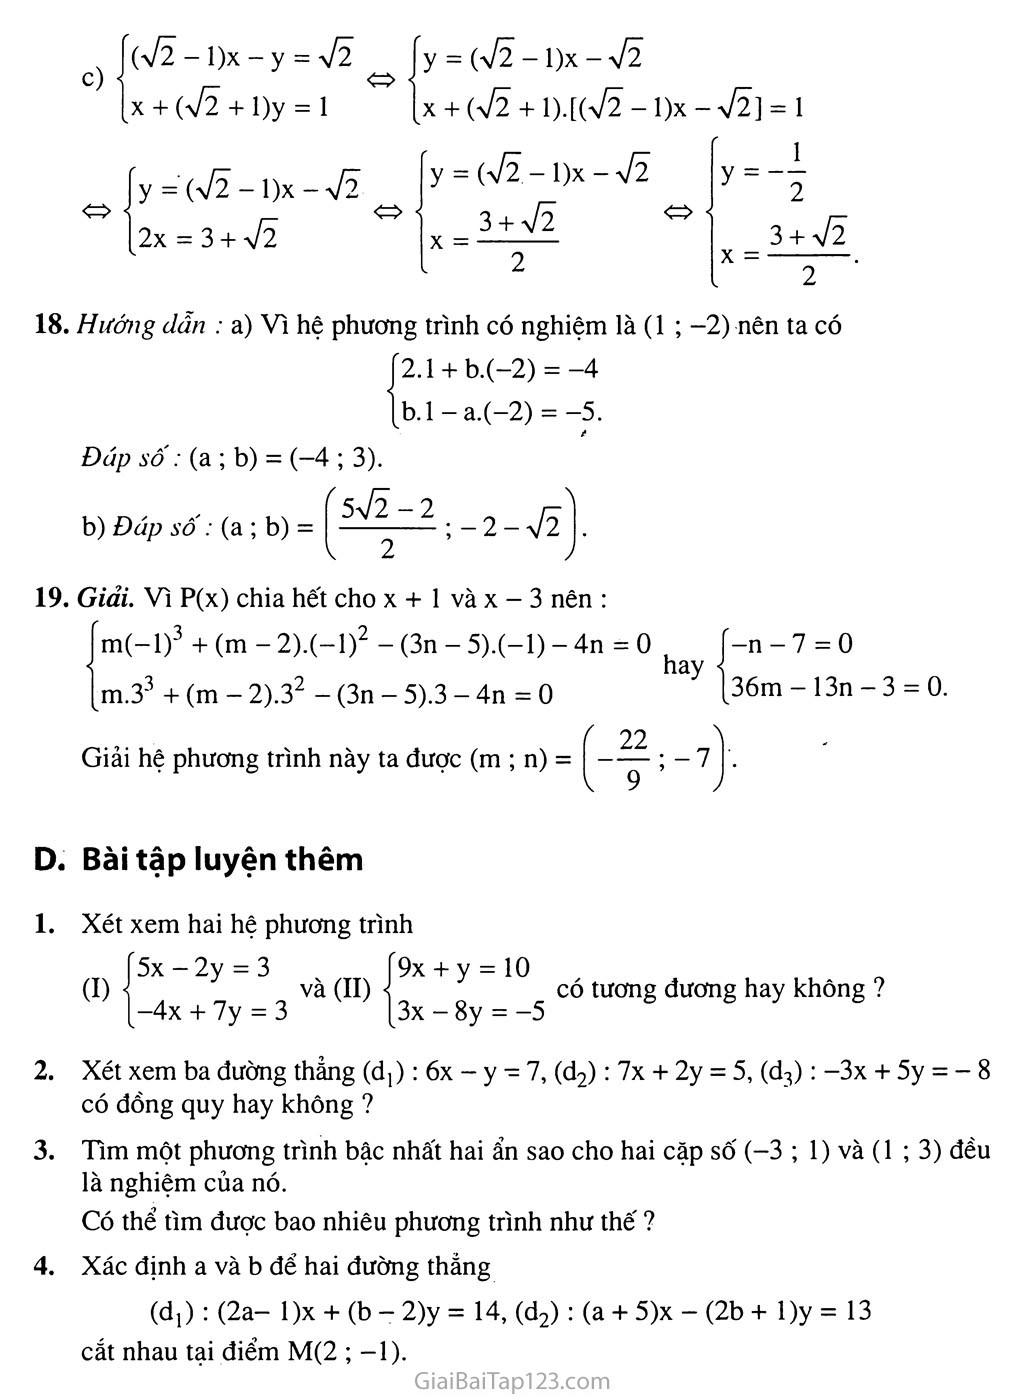 Bài 3. Giải hệ phương trình bằng phương pháp thế trang 6